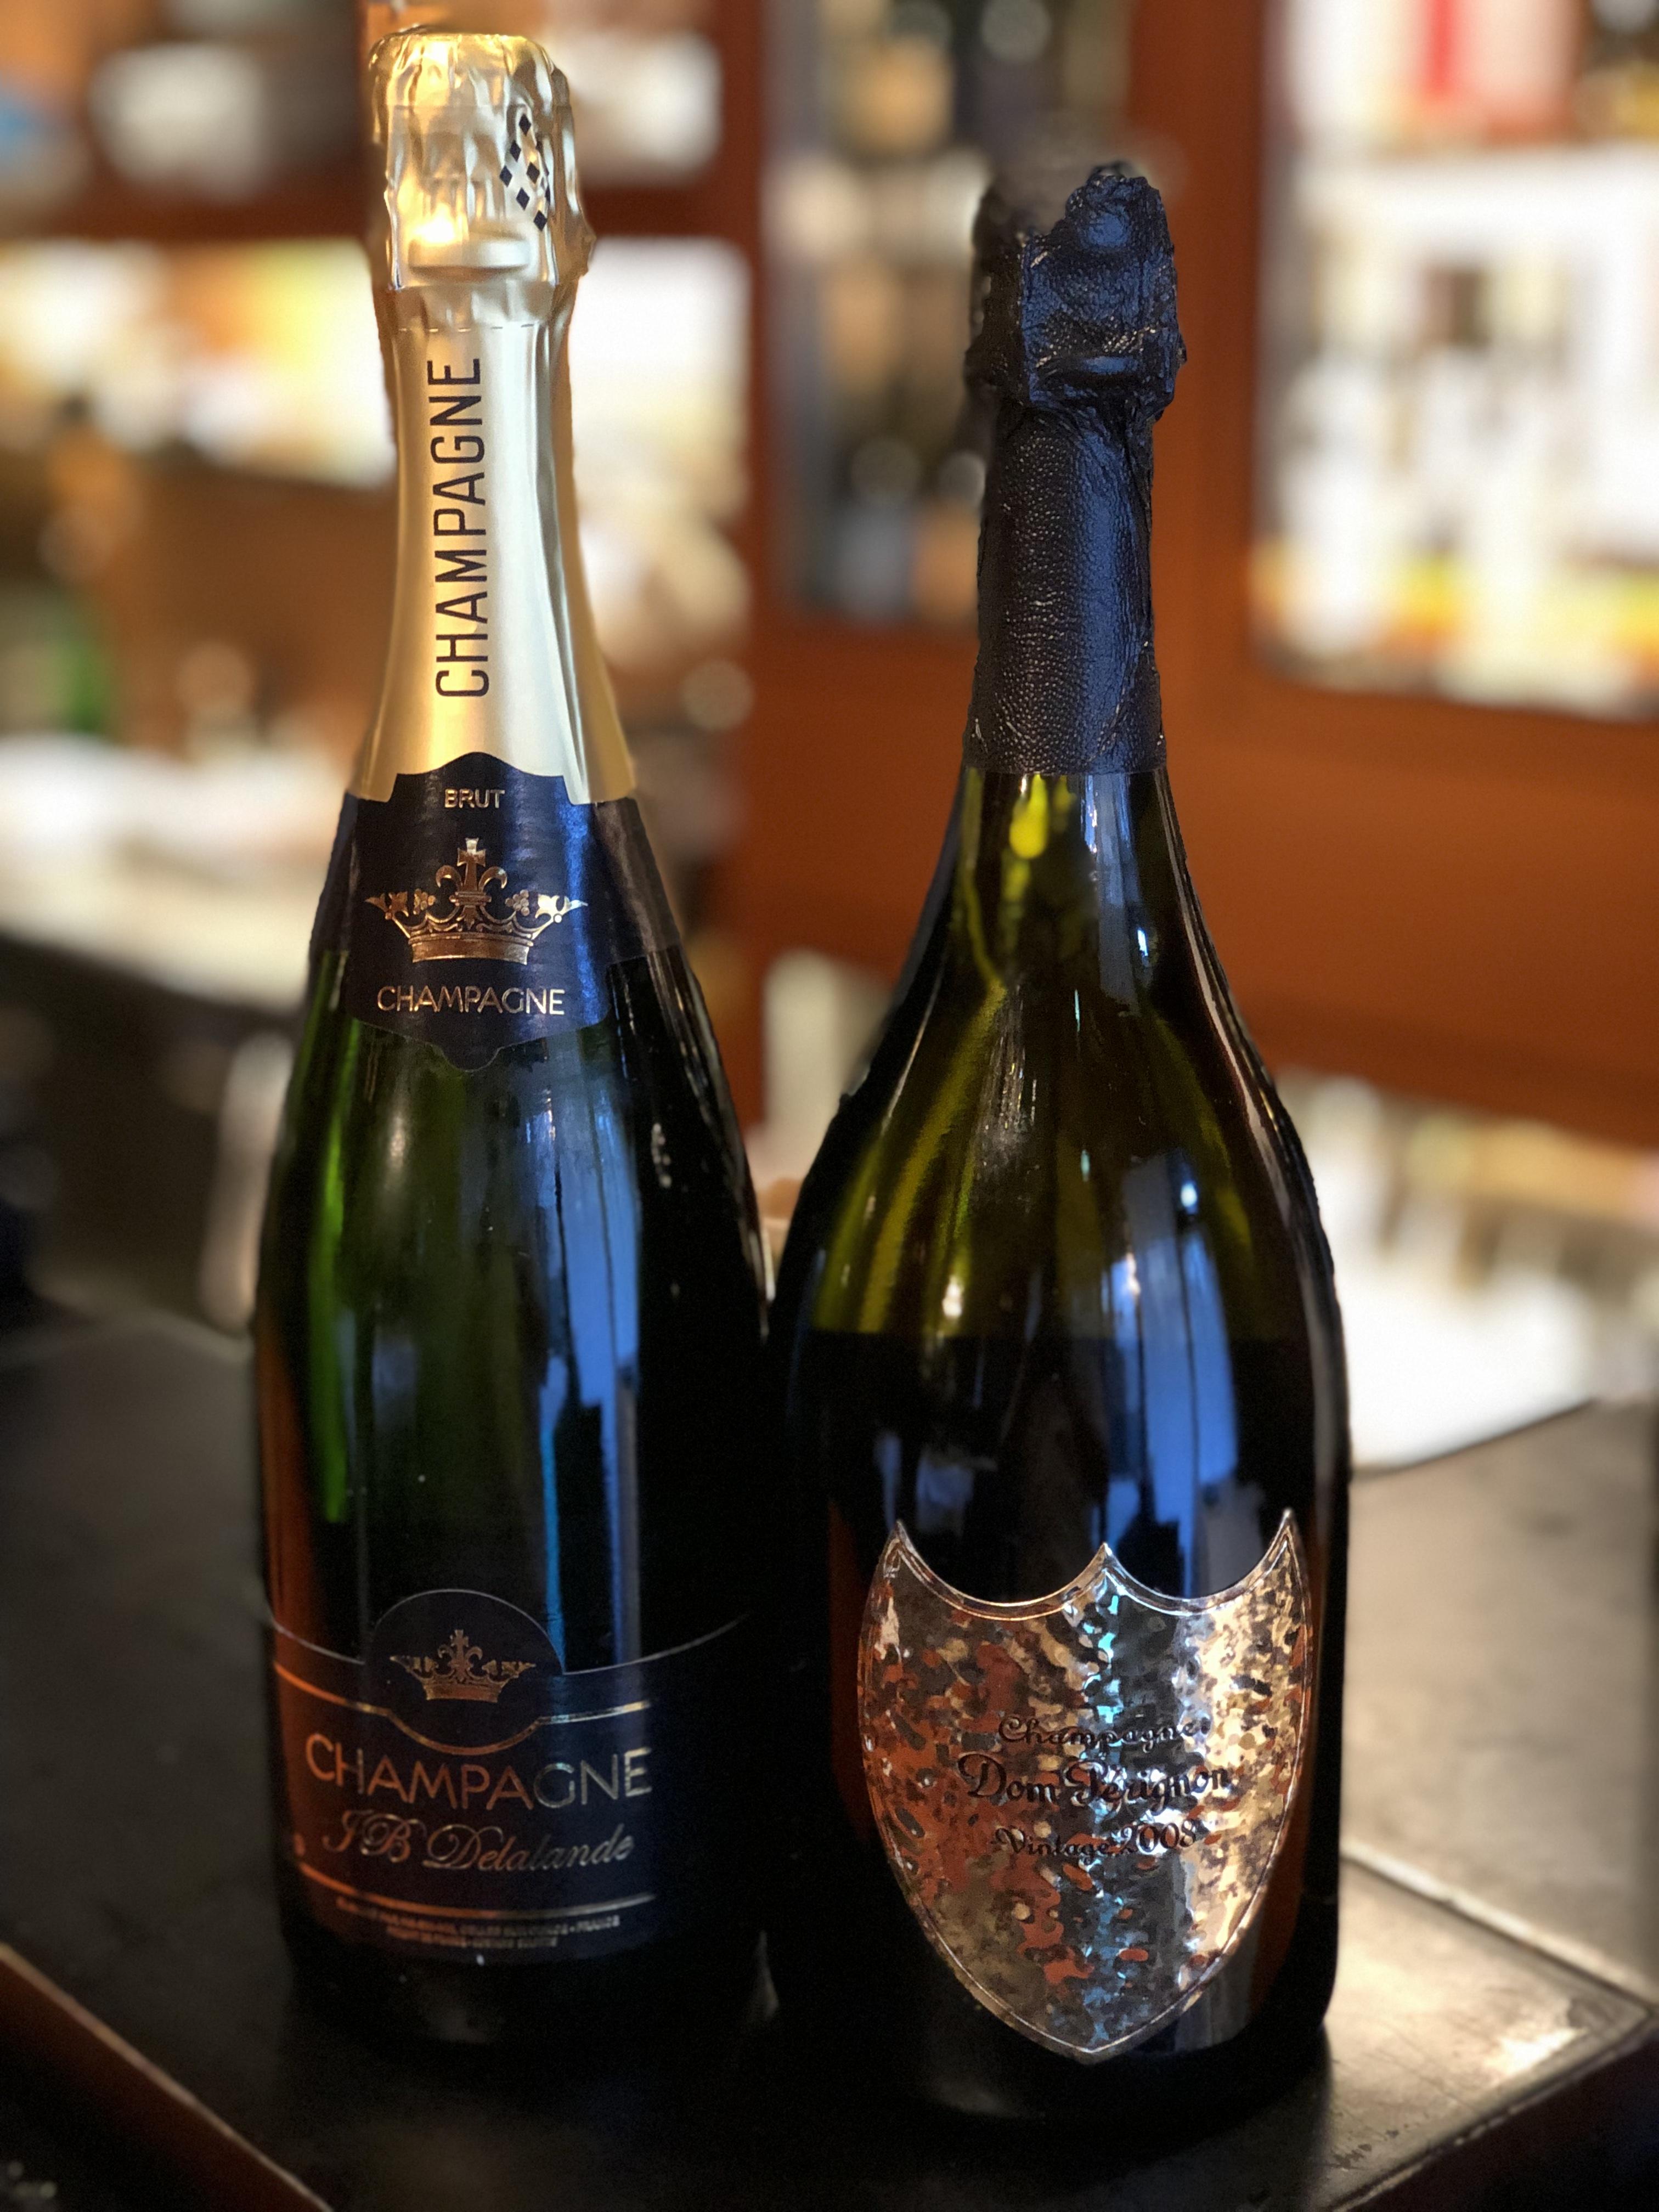 【数量限定】2008年ドン ペリニョン(レニー クラヴィッツボトル)とマノワのシャンパーニュセット(計2本)